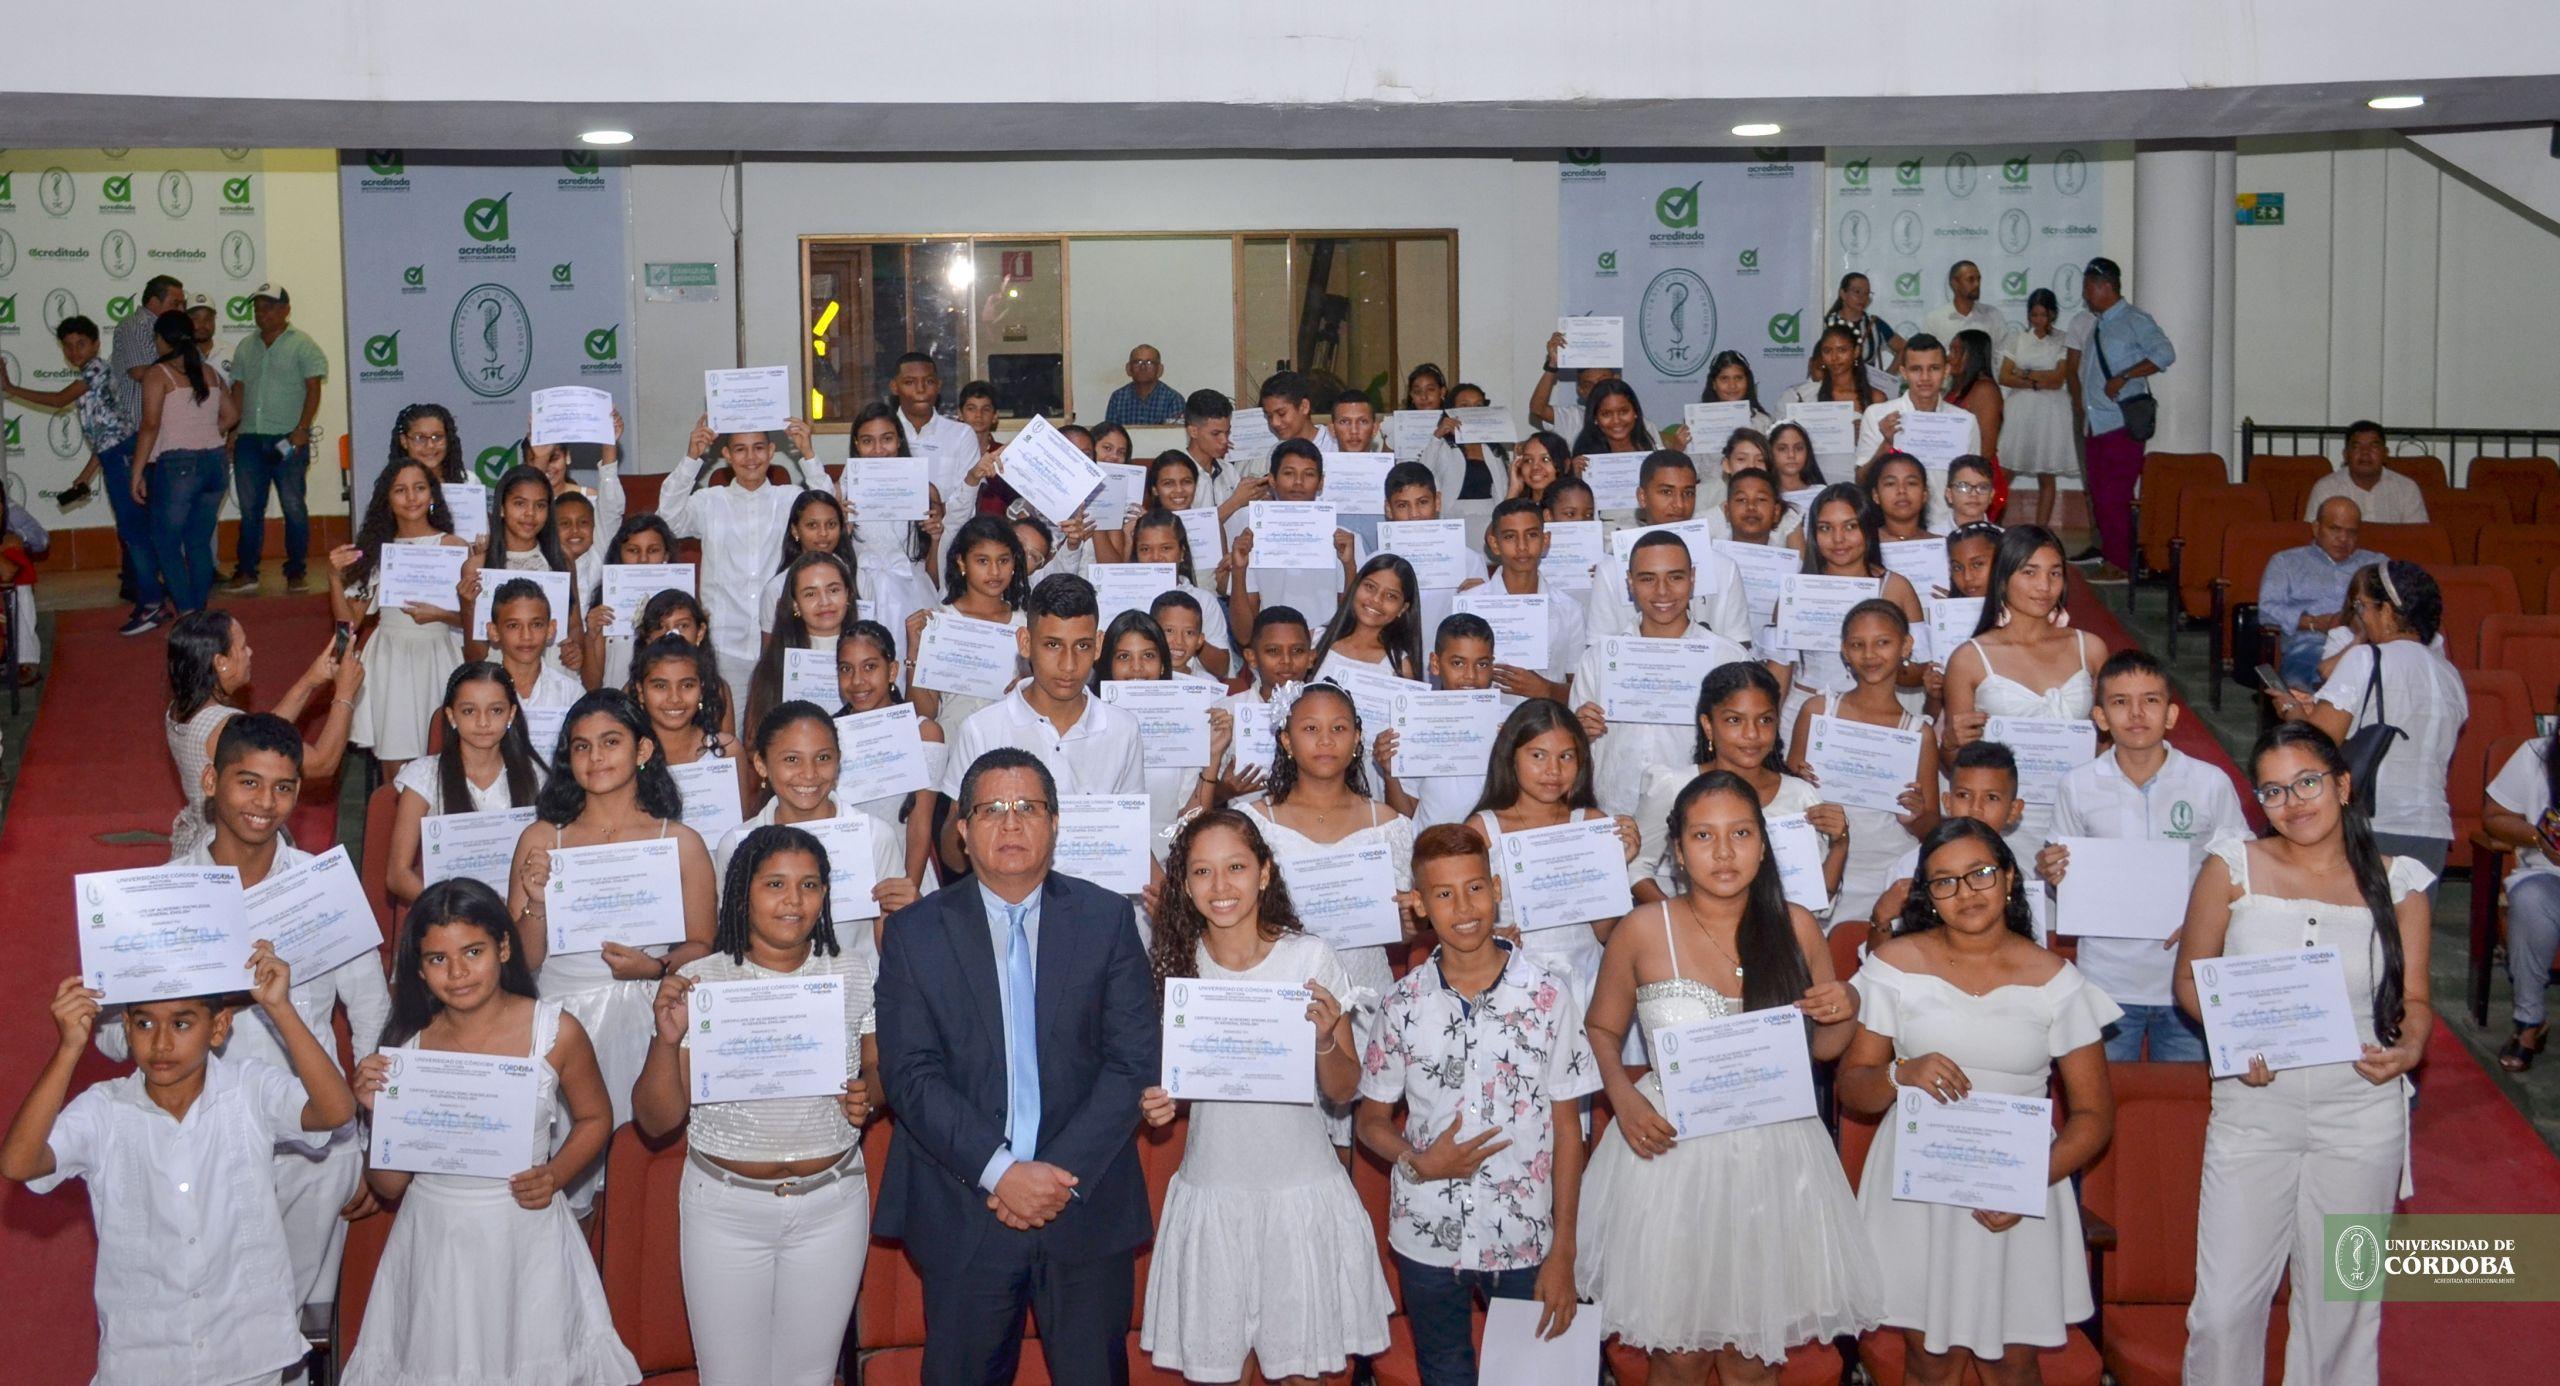 Los graduandos junto al rector de la Universidad de Córdoba, Jairo Torres Oviedo.